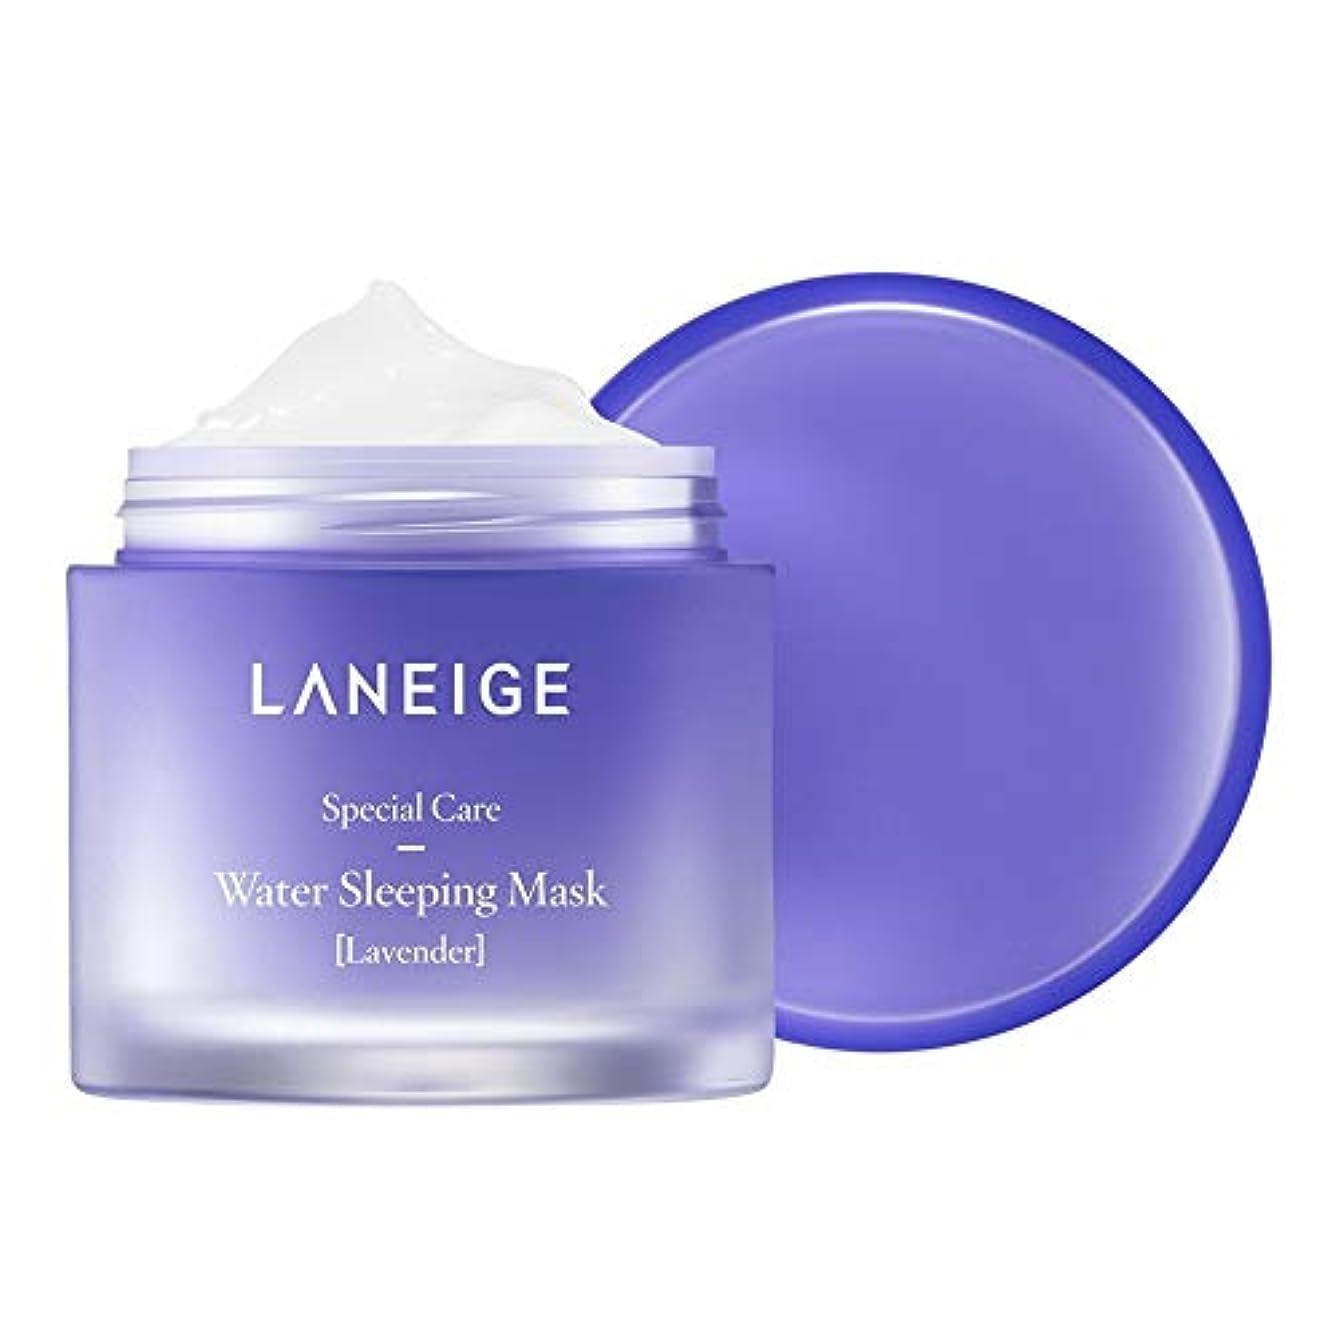 決定するプロペラ約束するLANEIGE ラネージュ ウォータースリーピング マスク ラベンダー2017 New リフィルミーバージョン 70ml Water Sleeping Mask 2017 Lavender [海外直送品]